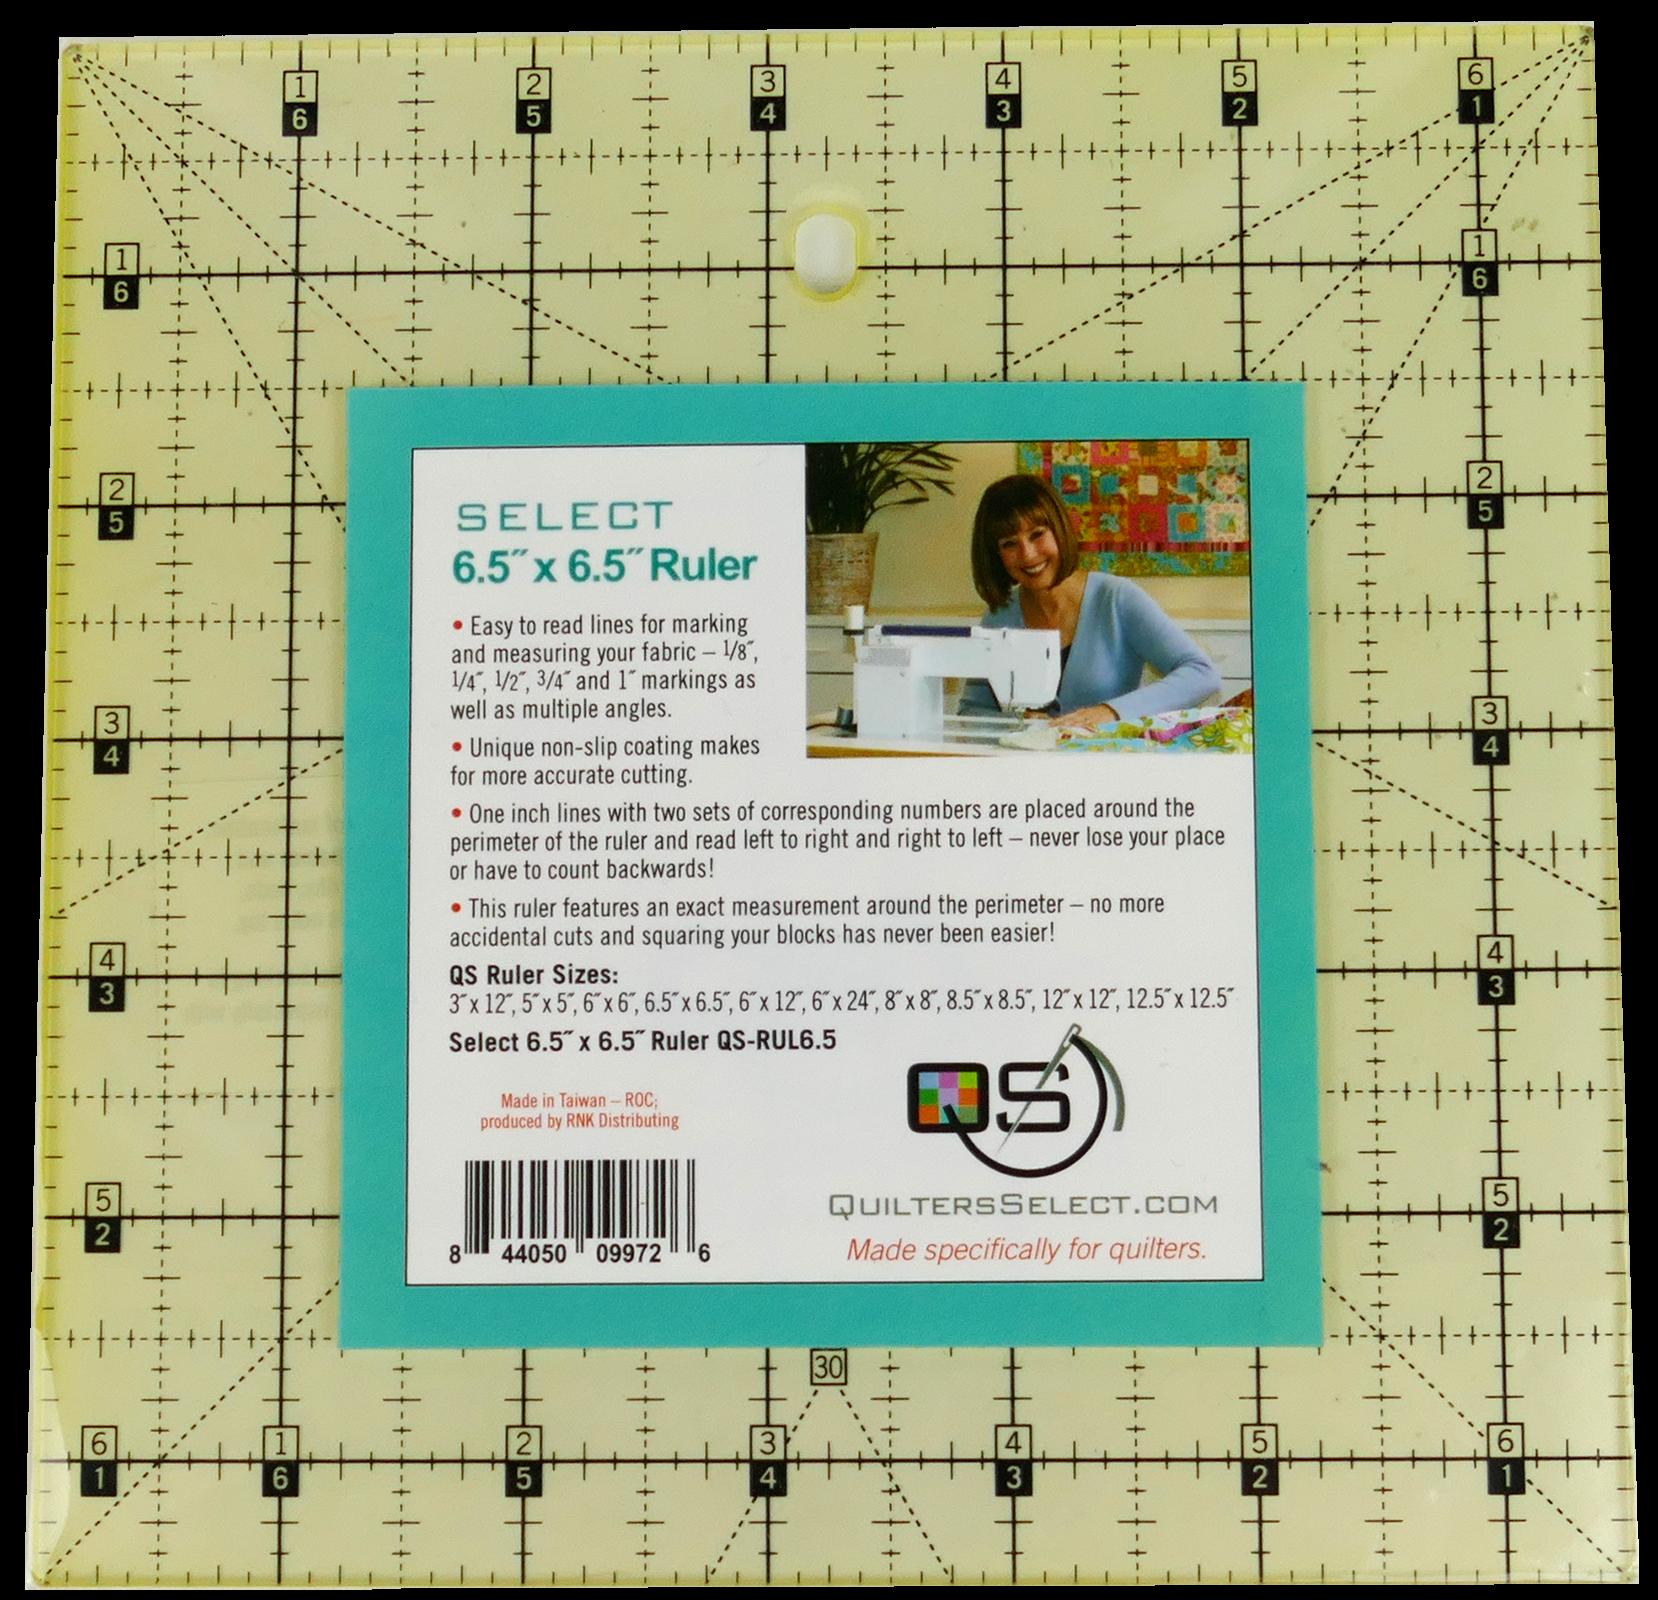 QS Select 6.5 x 6.5 Ruler